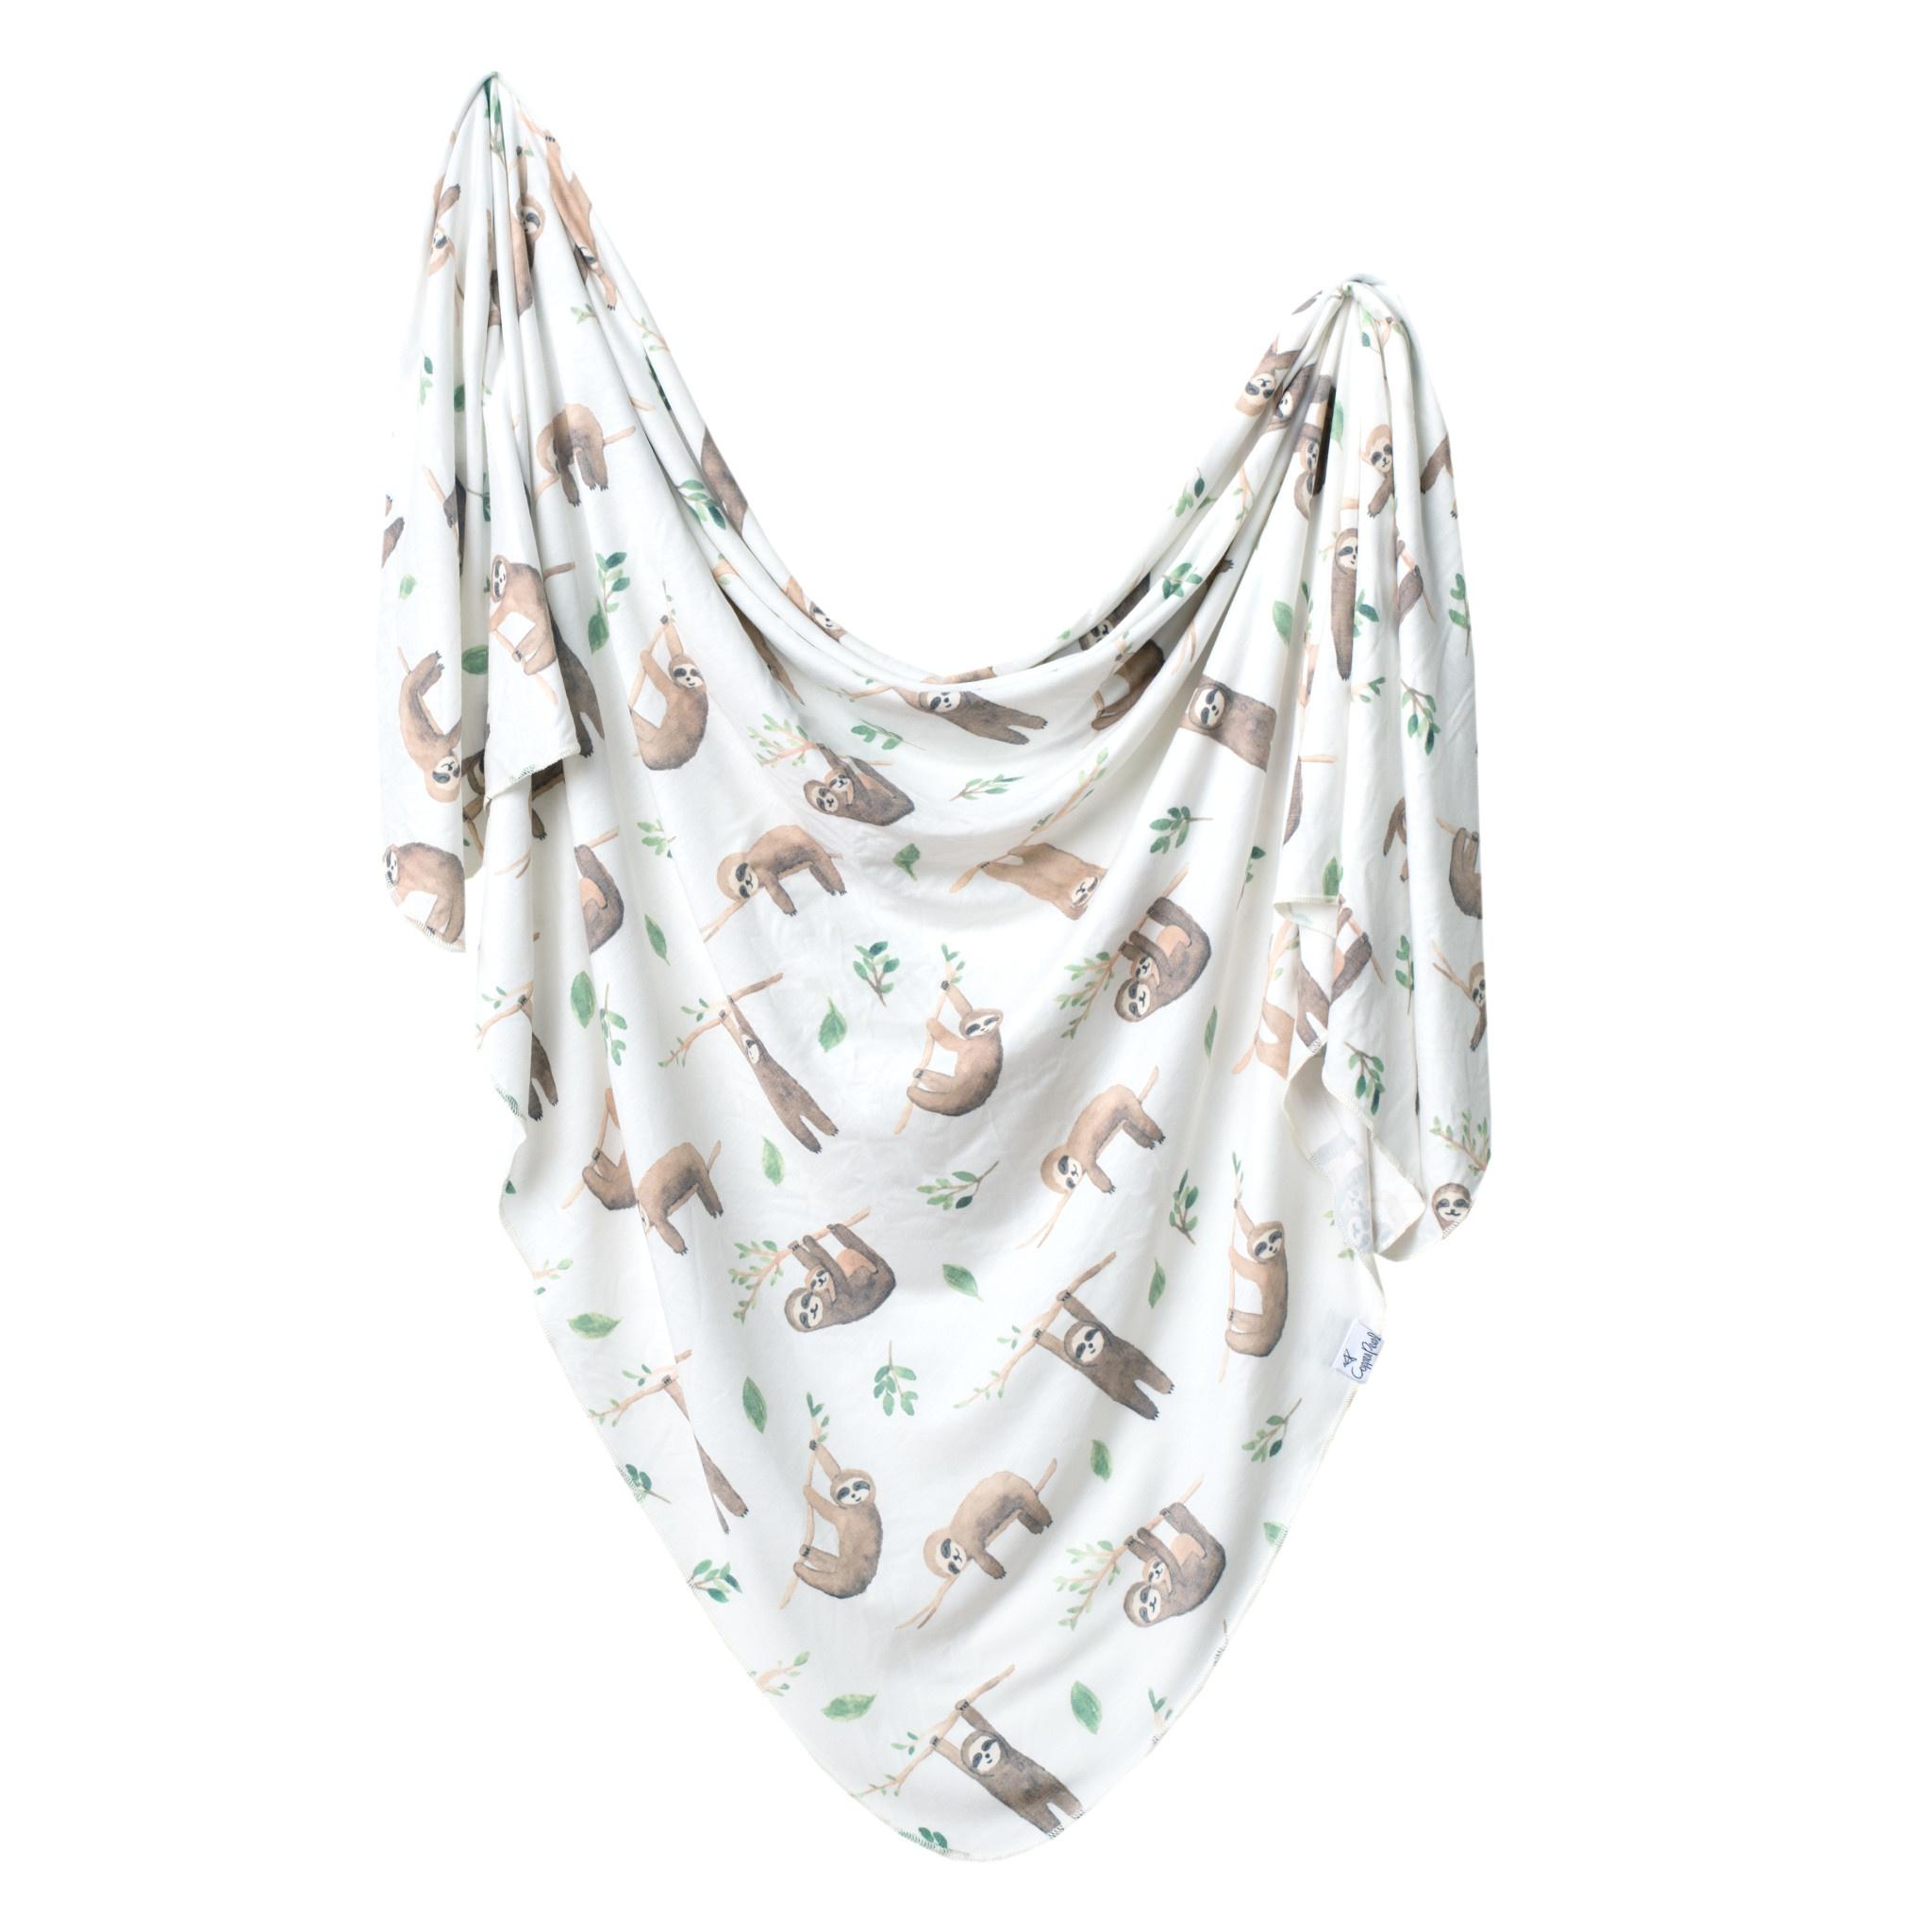 Copper Pearl Knit Swaddle Blanket Noah